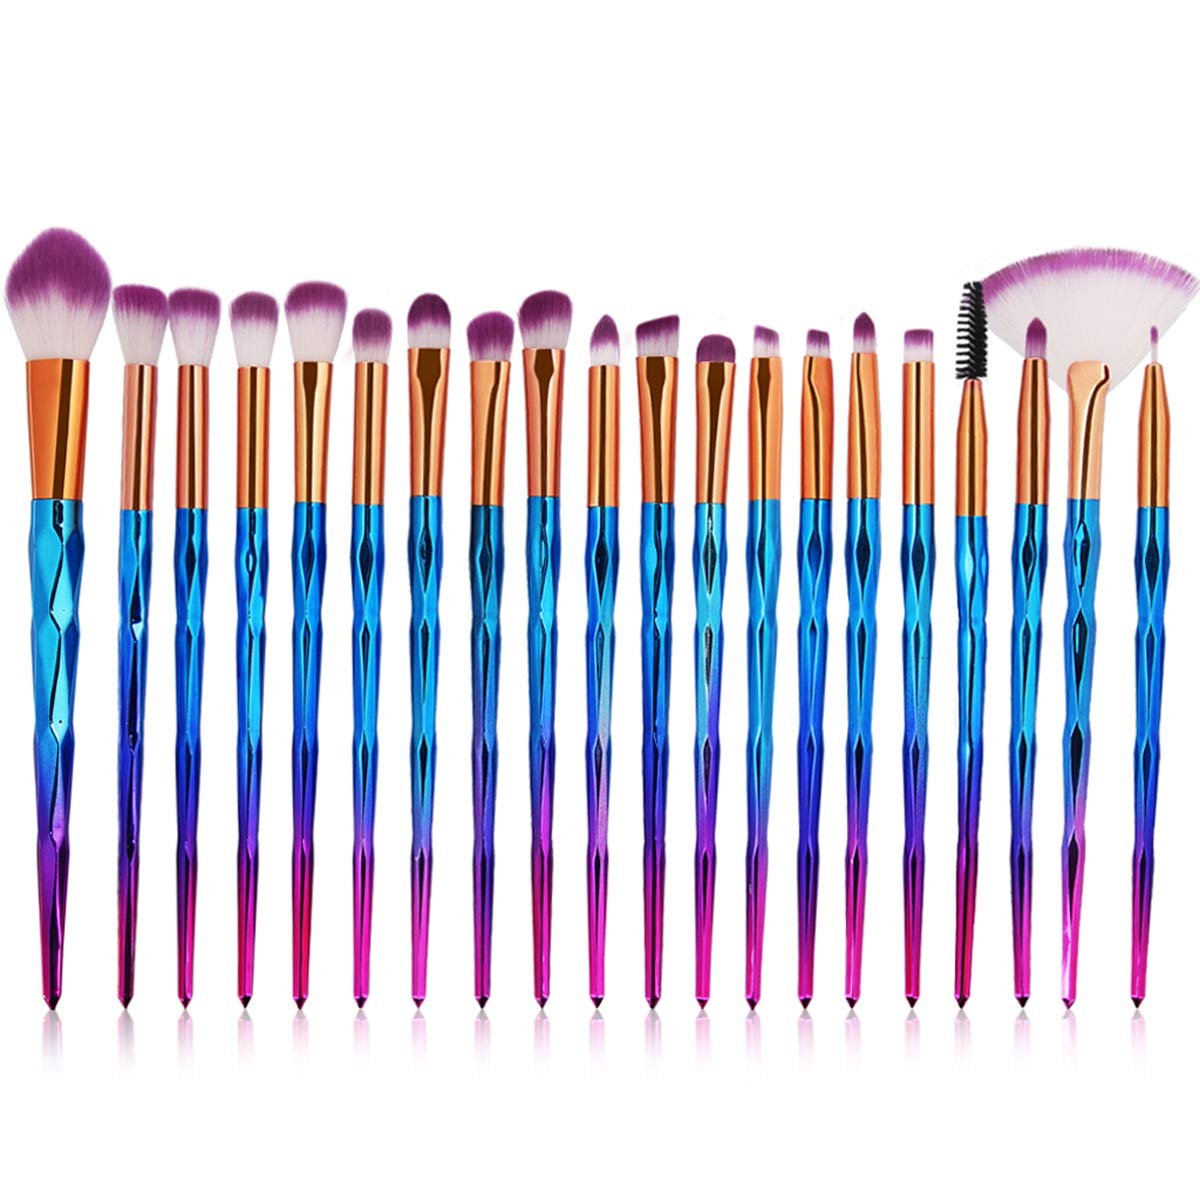 Eye Brush Set, 20 pcs Unicorn Eyeshadow Eyeliner Blending Crease Kit Makeup Brushes Make Up Foundation Eyebrow Eyeliner Blush Cosmetic Concealer Brushes (Blue)